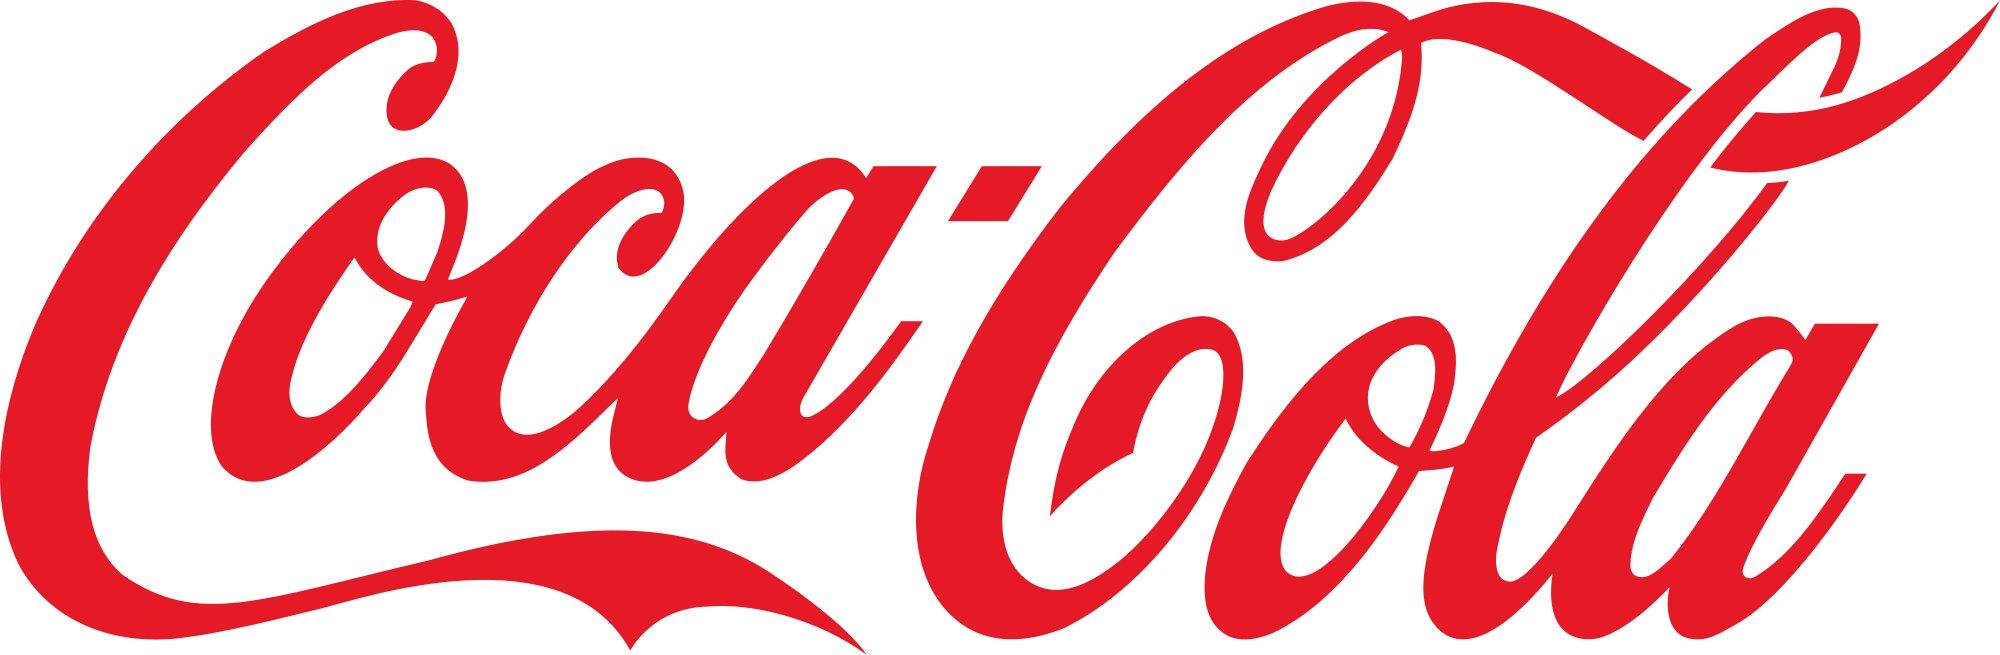 Logo các hãng thay đổi như thế nào qua các thời kỳ